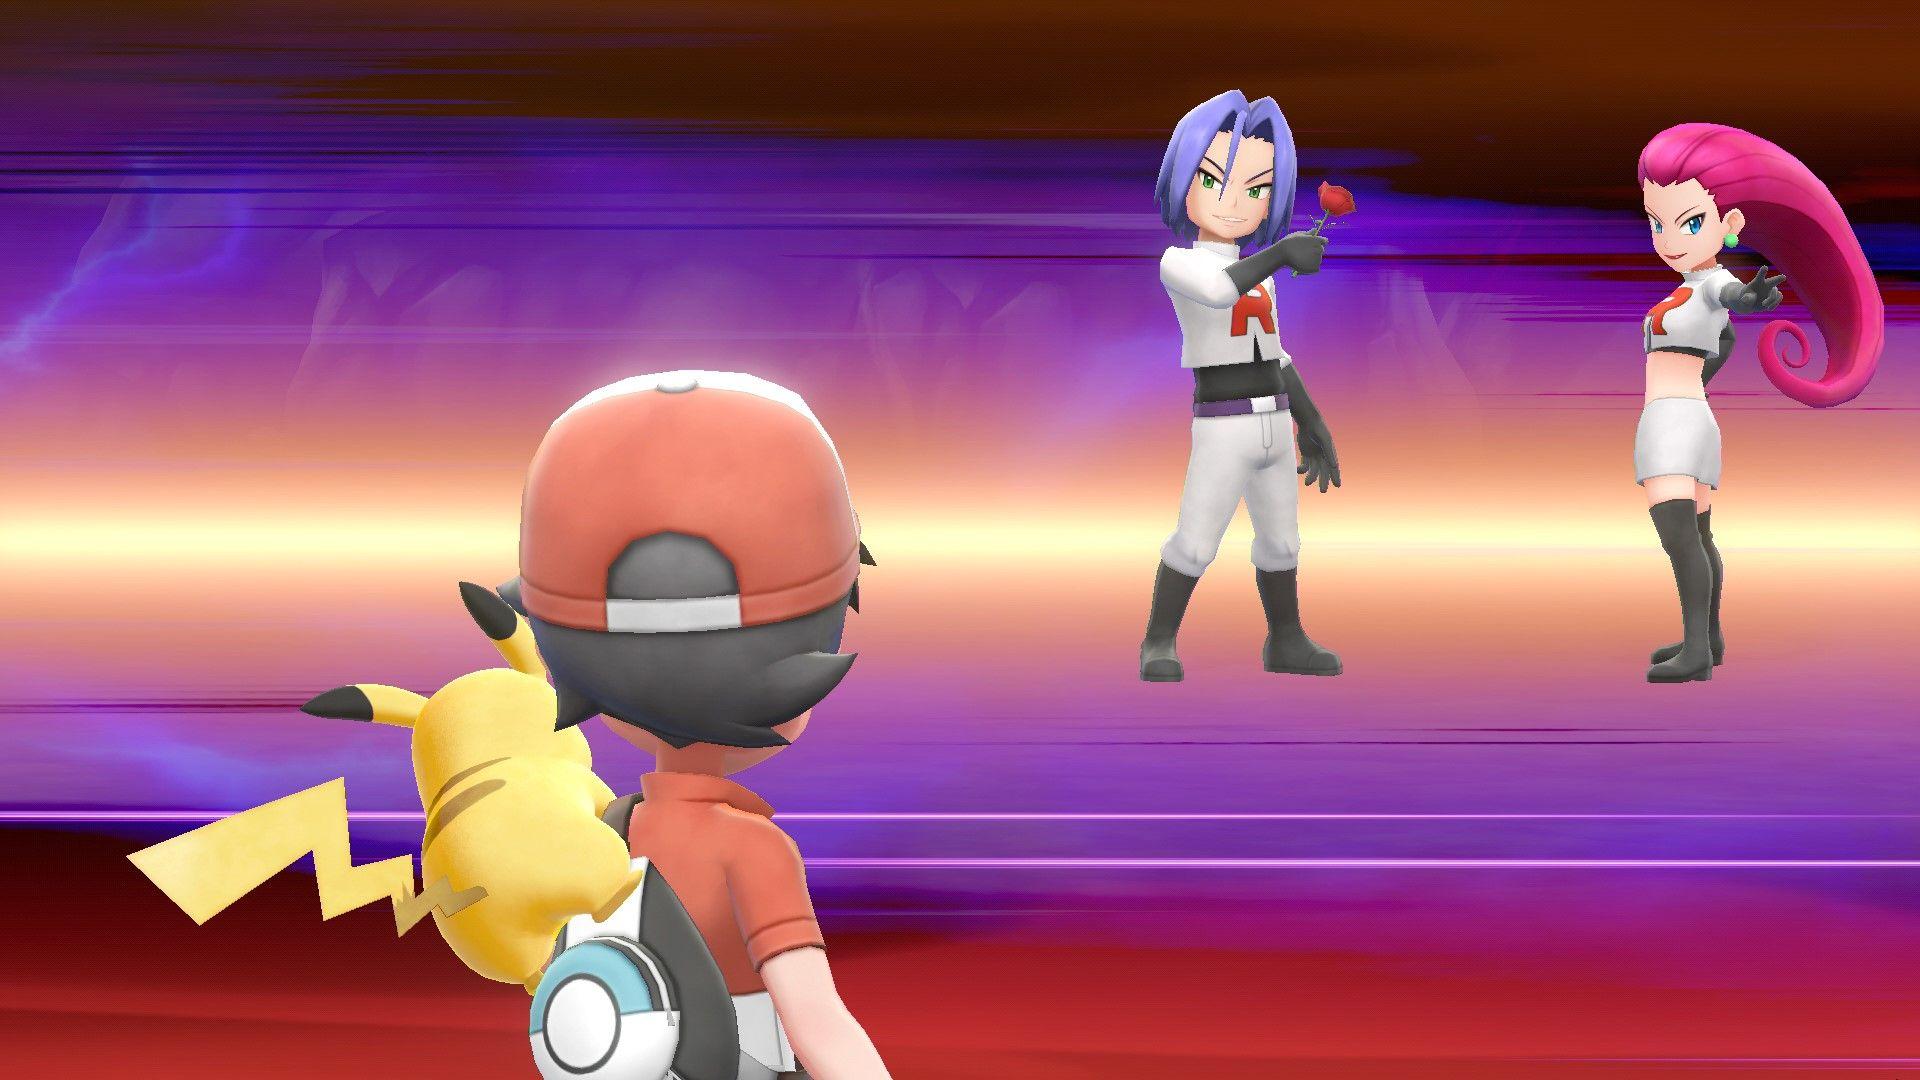 Reta A Los Entrenadores Maestros En Pokémon Team Rocket Pikachu Pokemon